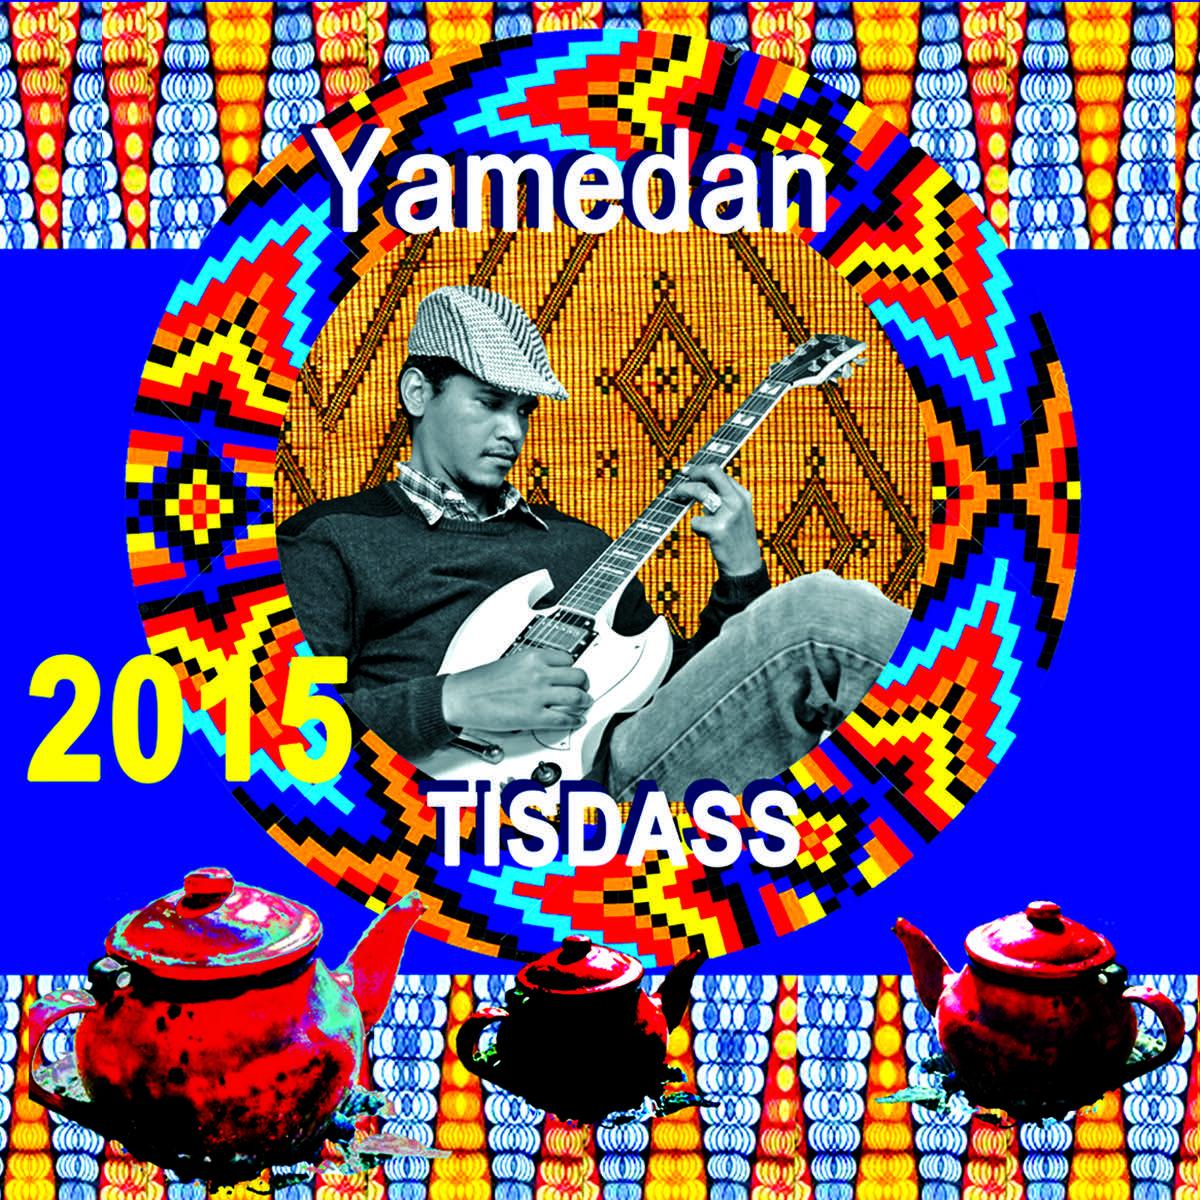 SSC-015 Tisdass